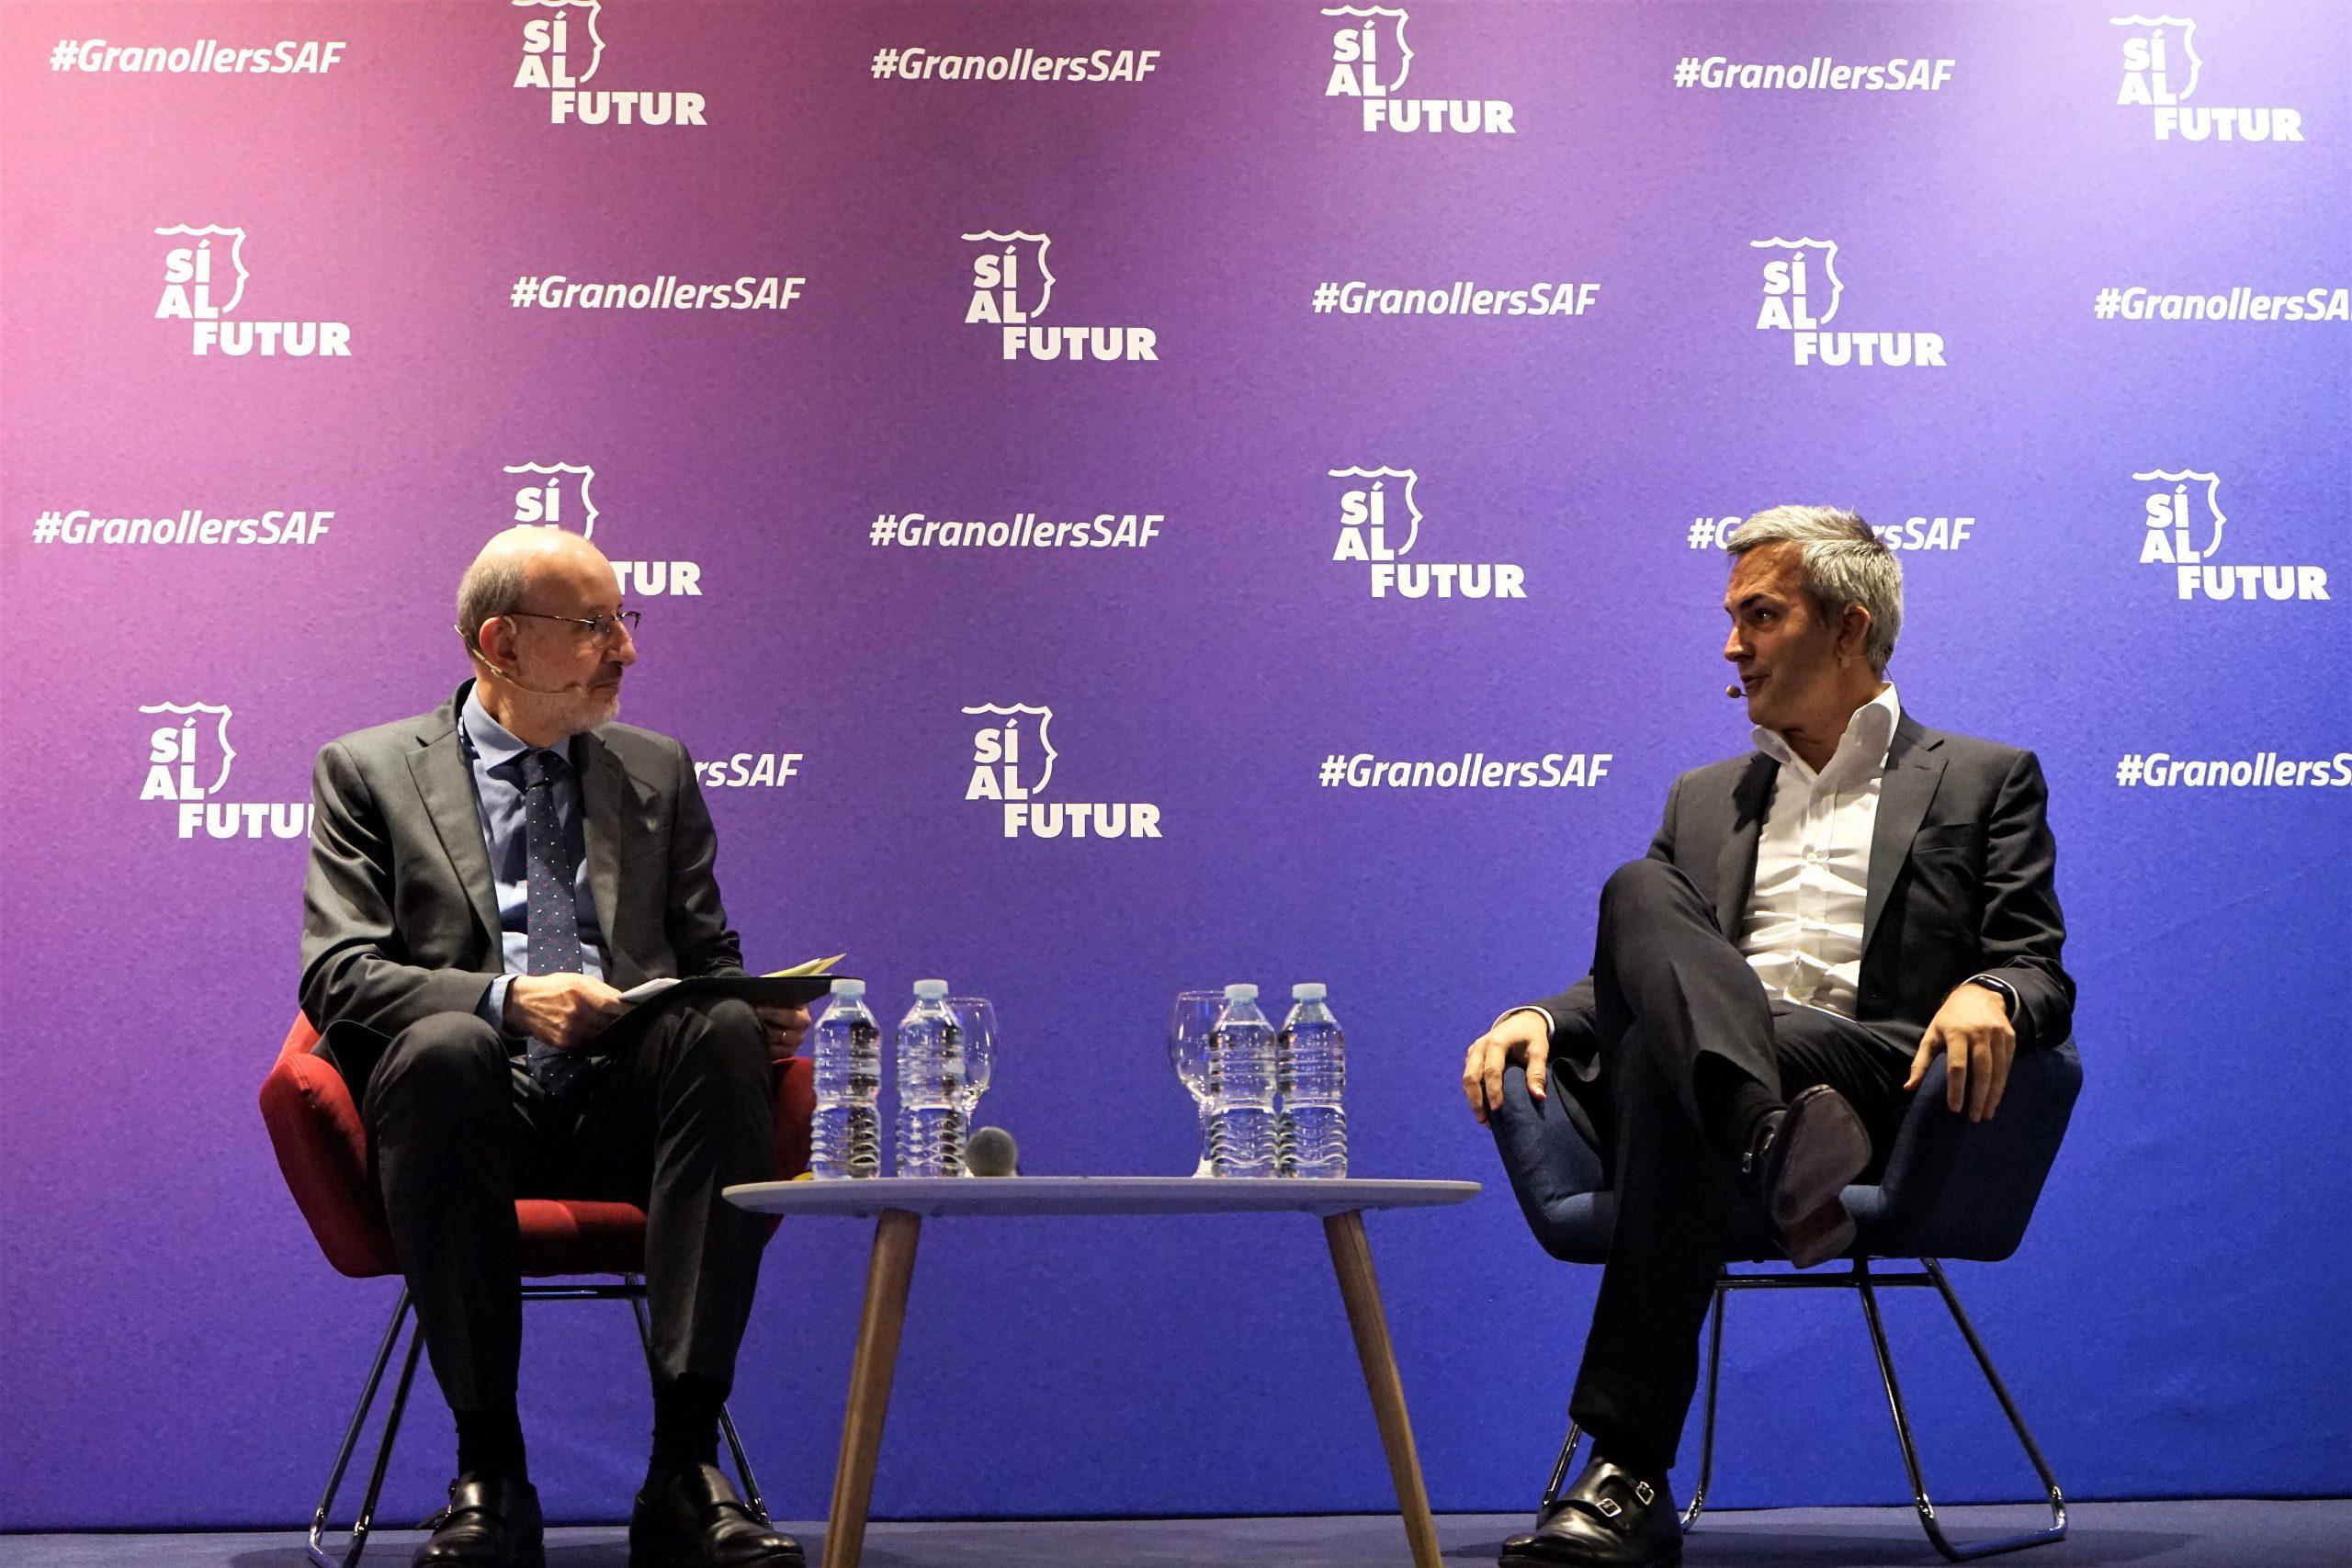 Les fotos de la presentació de Víctor Font i Sí al futur a Granollers